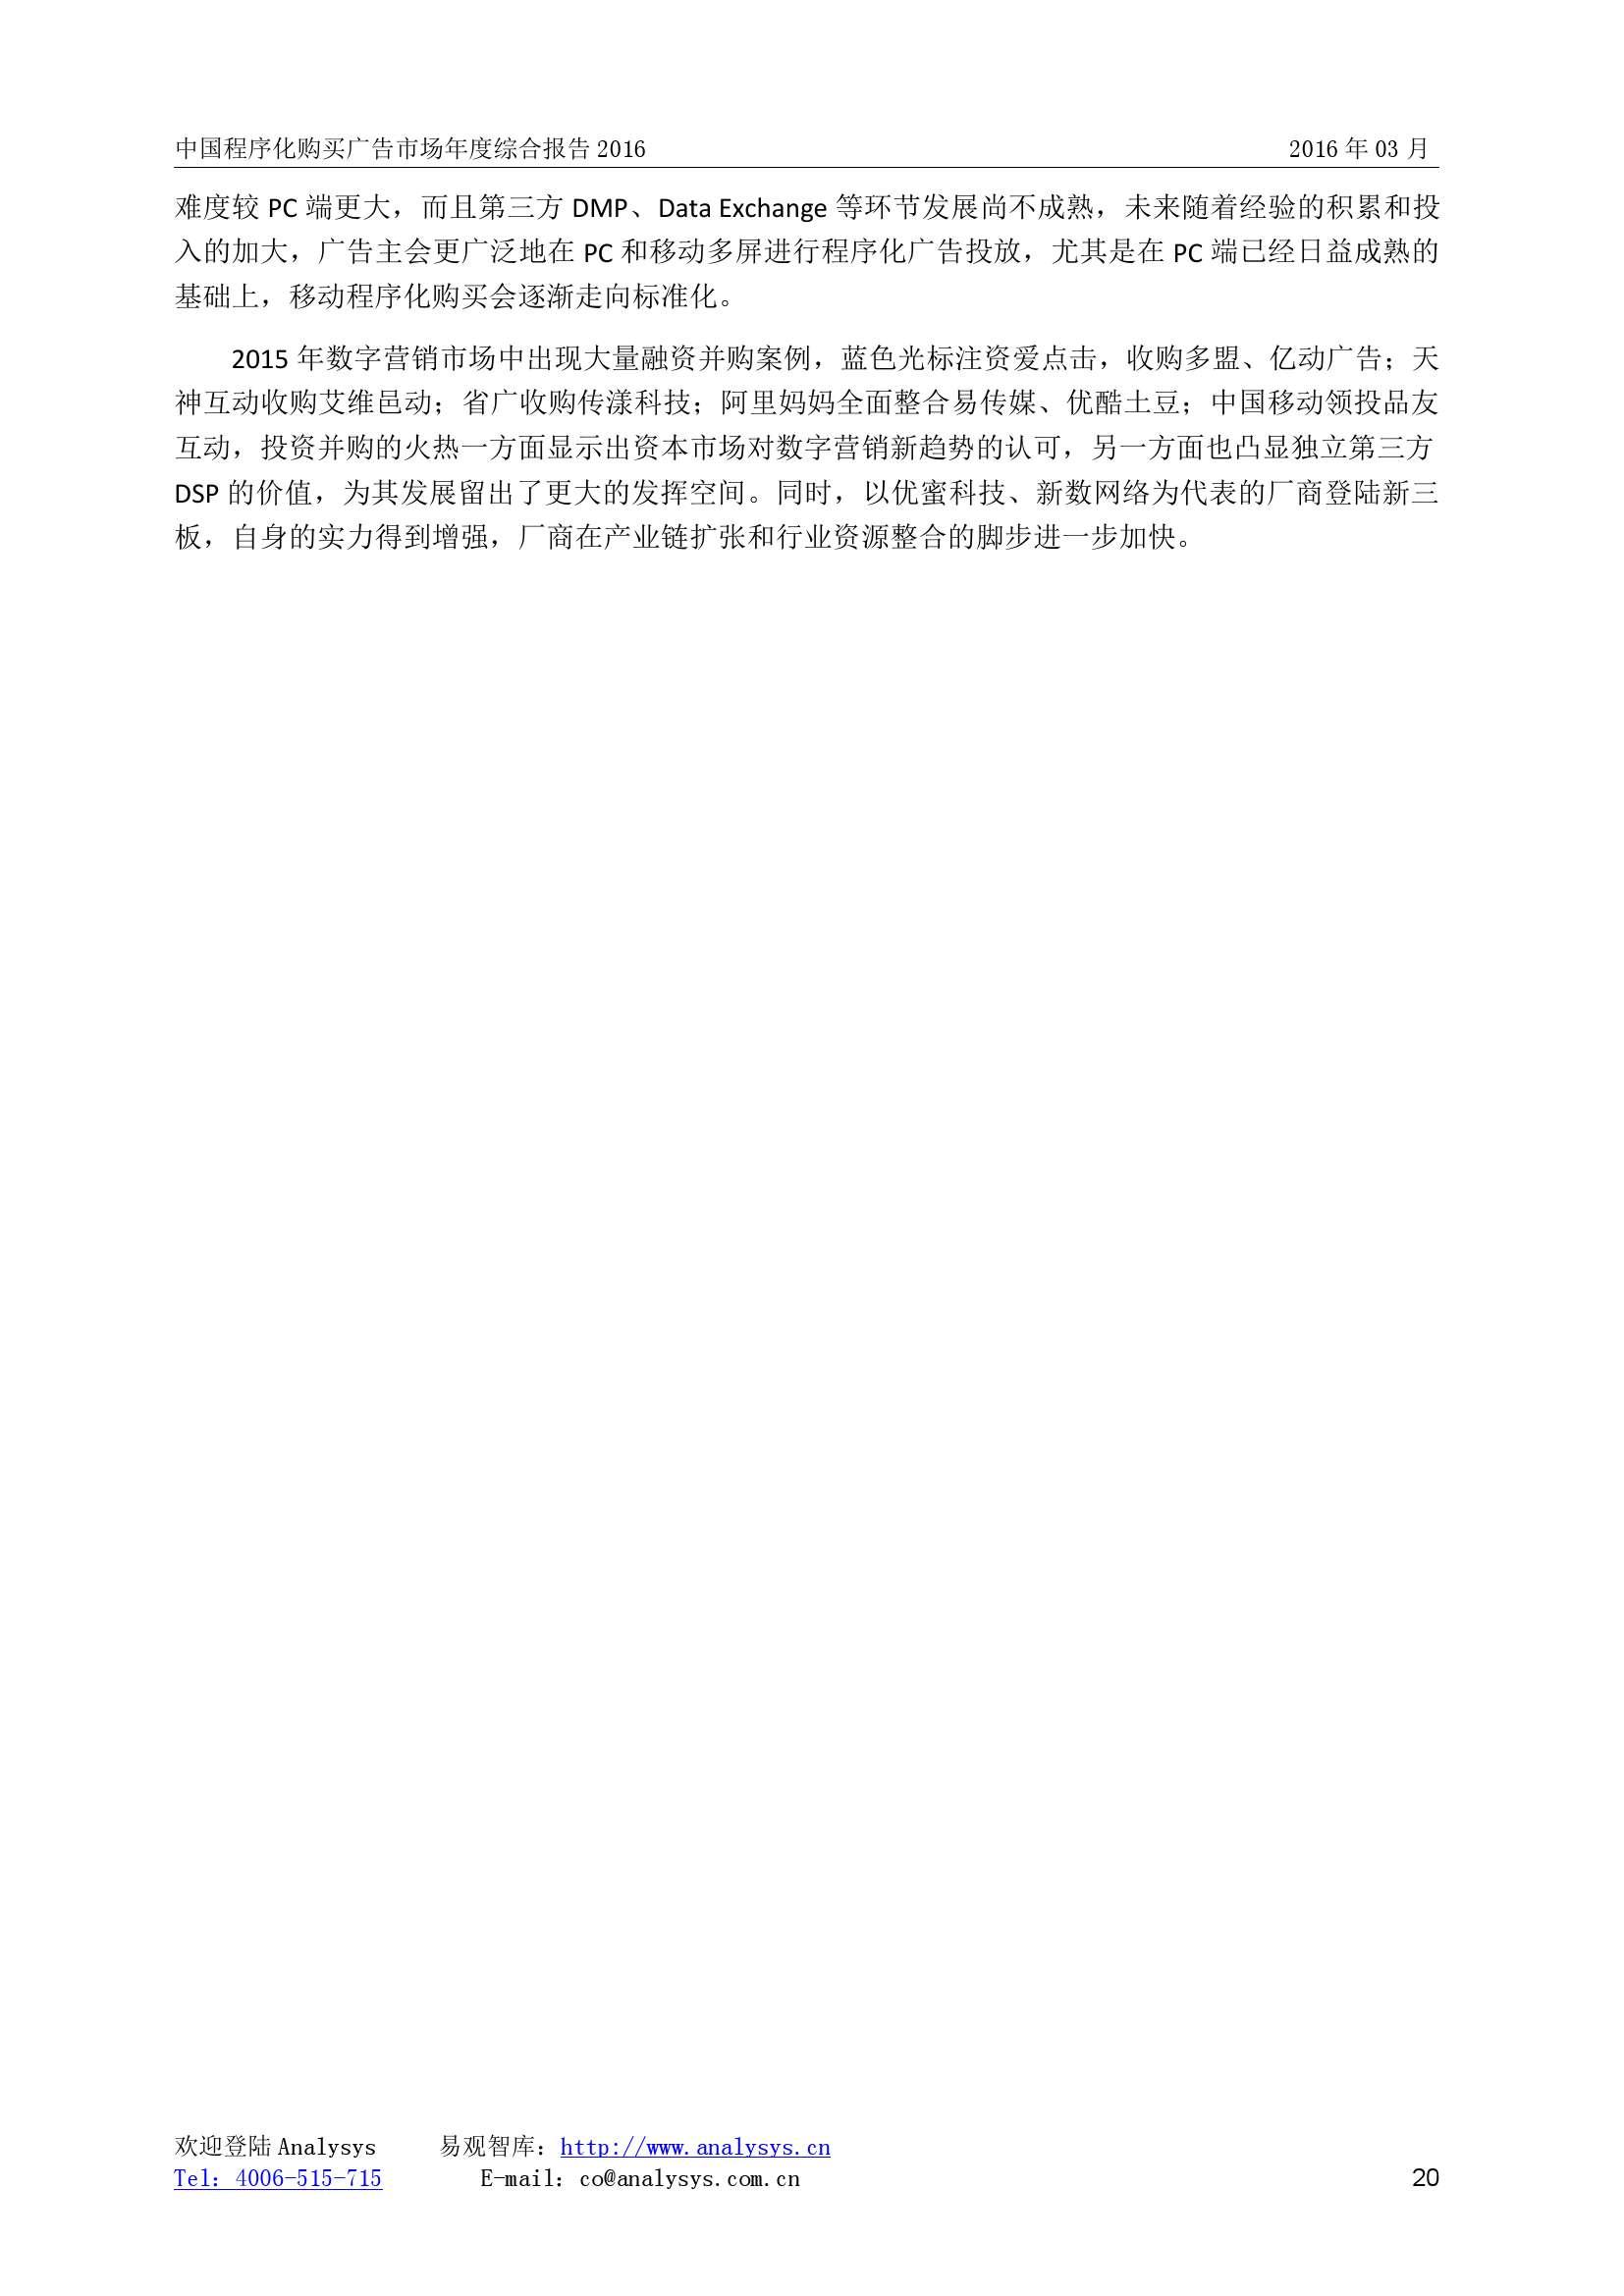 中国程序化购买广告市场年度综合报告2016_000020